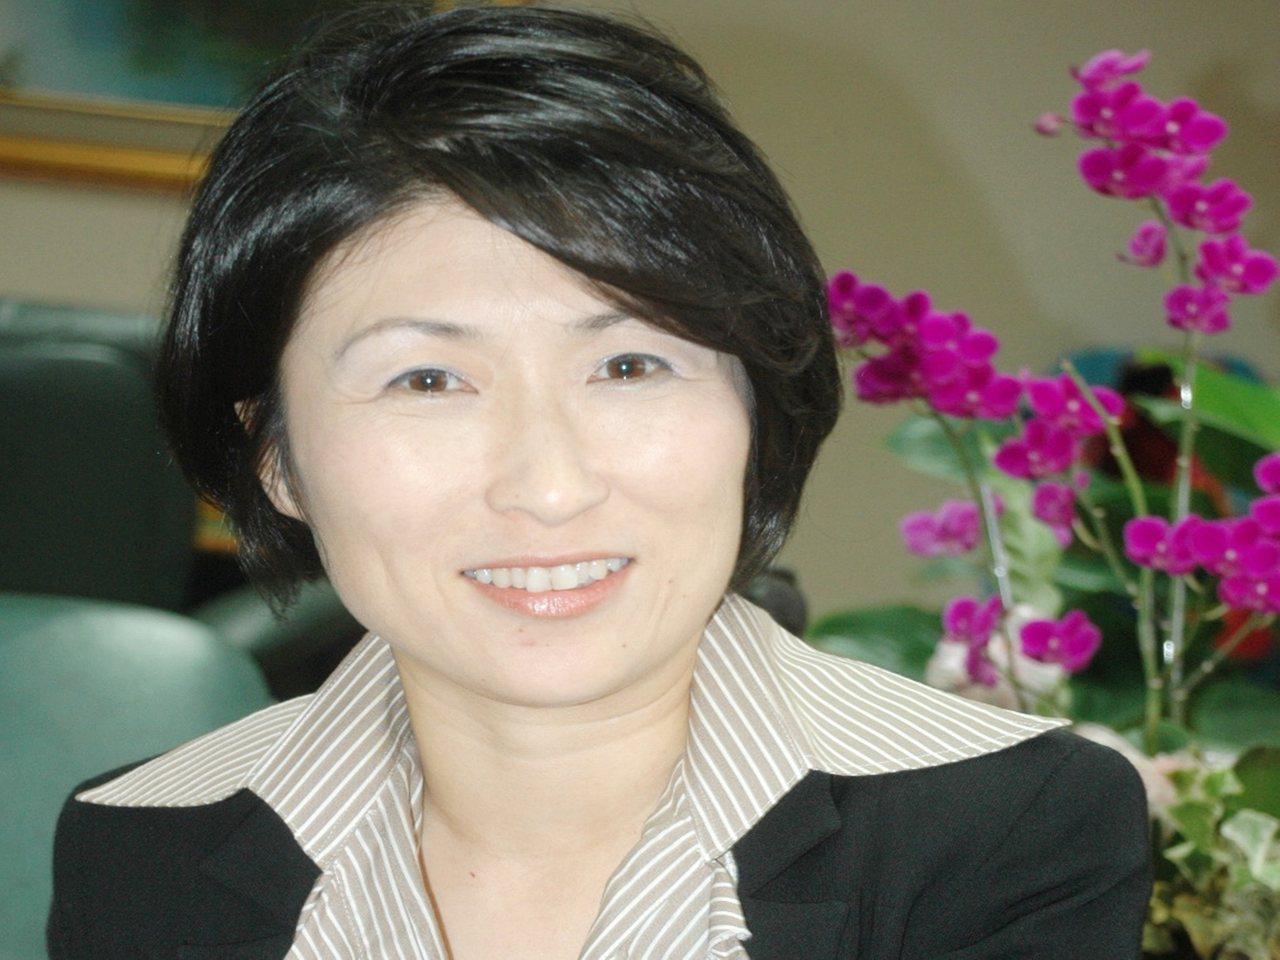 饒慶鈴今天表示,會依黨的指示,在台東幫韓國瑜輔選。記者羅紹平/攝影